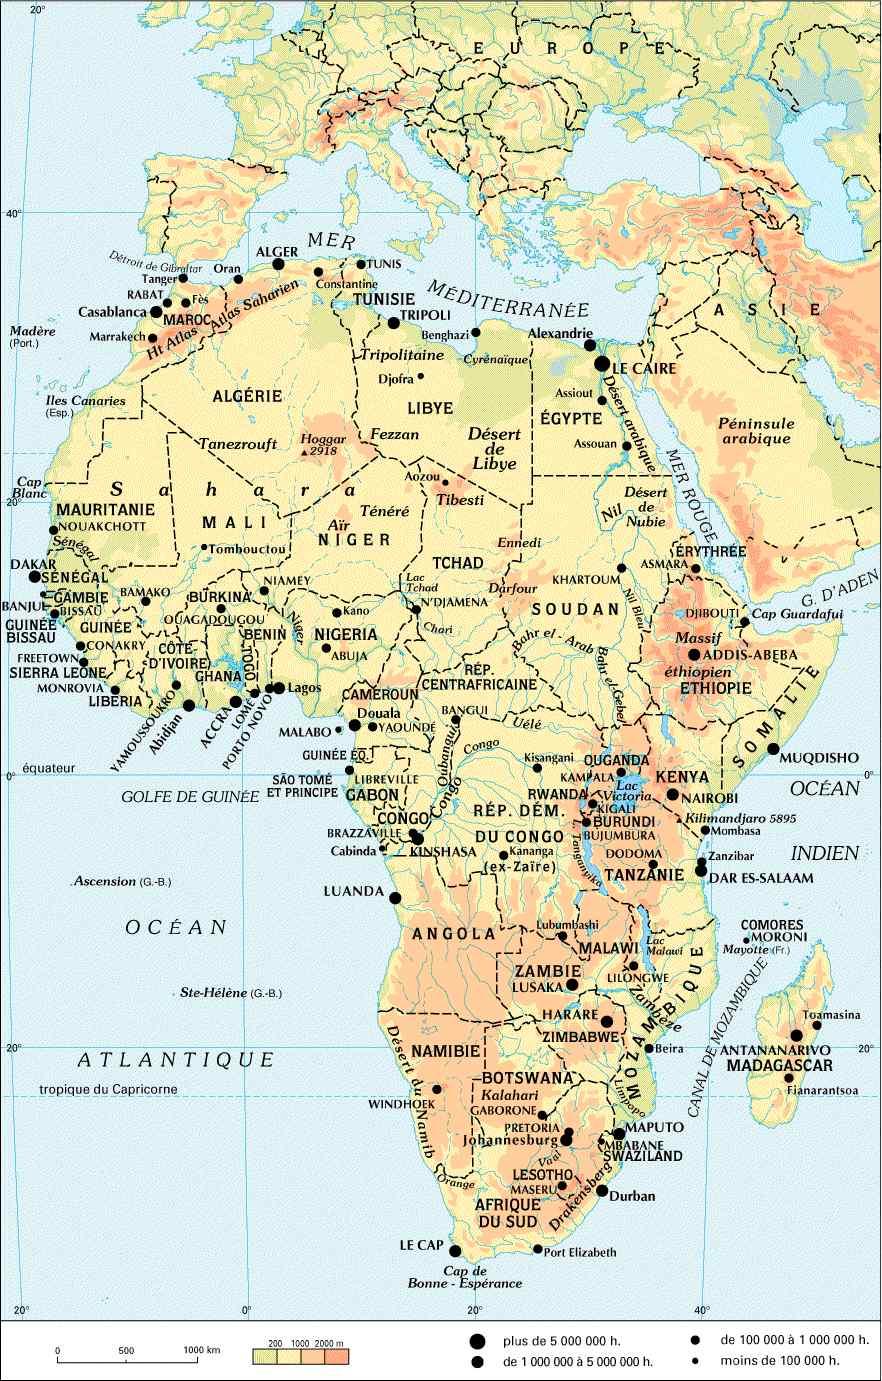 Carte administrative de l'Afrique